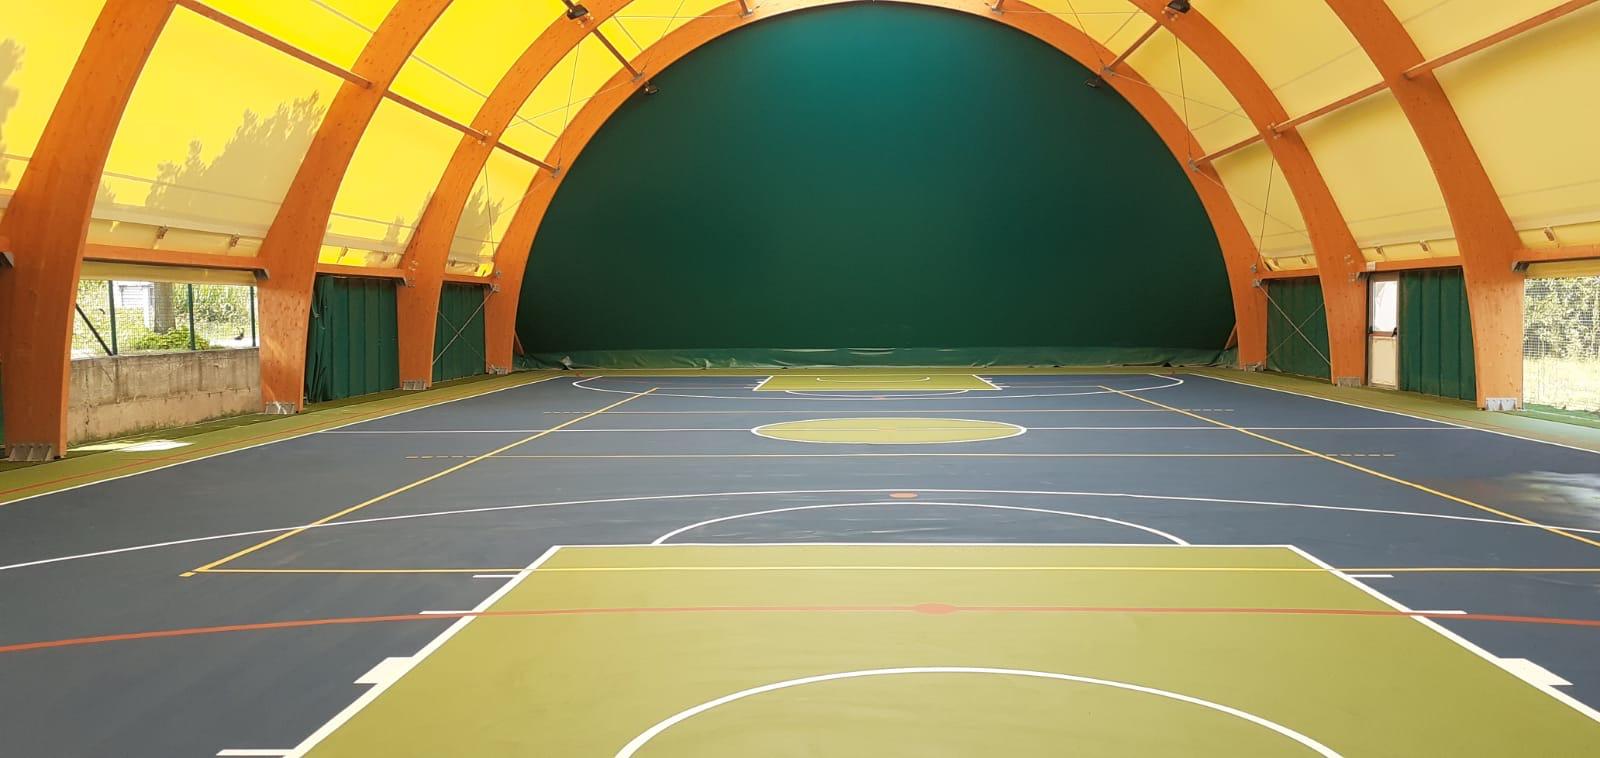 Comune di Codogno Lodi n. 2 campi polivalenti completi di copertura in  archi in legno lamellare - Lucon